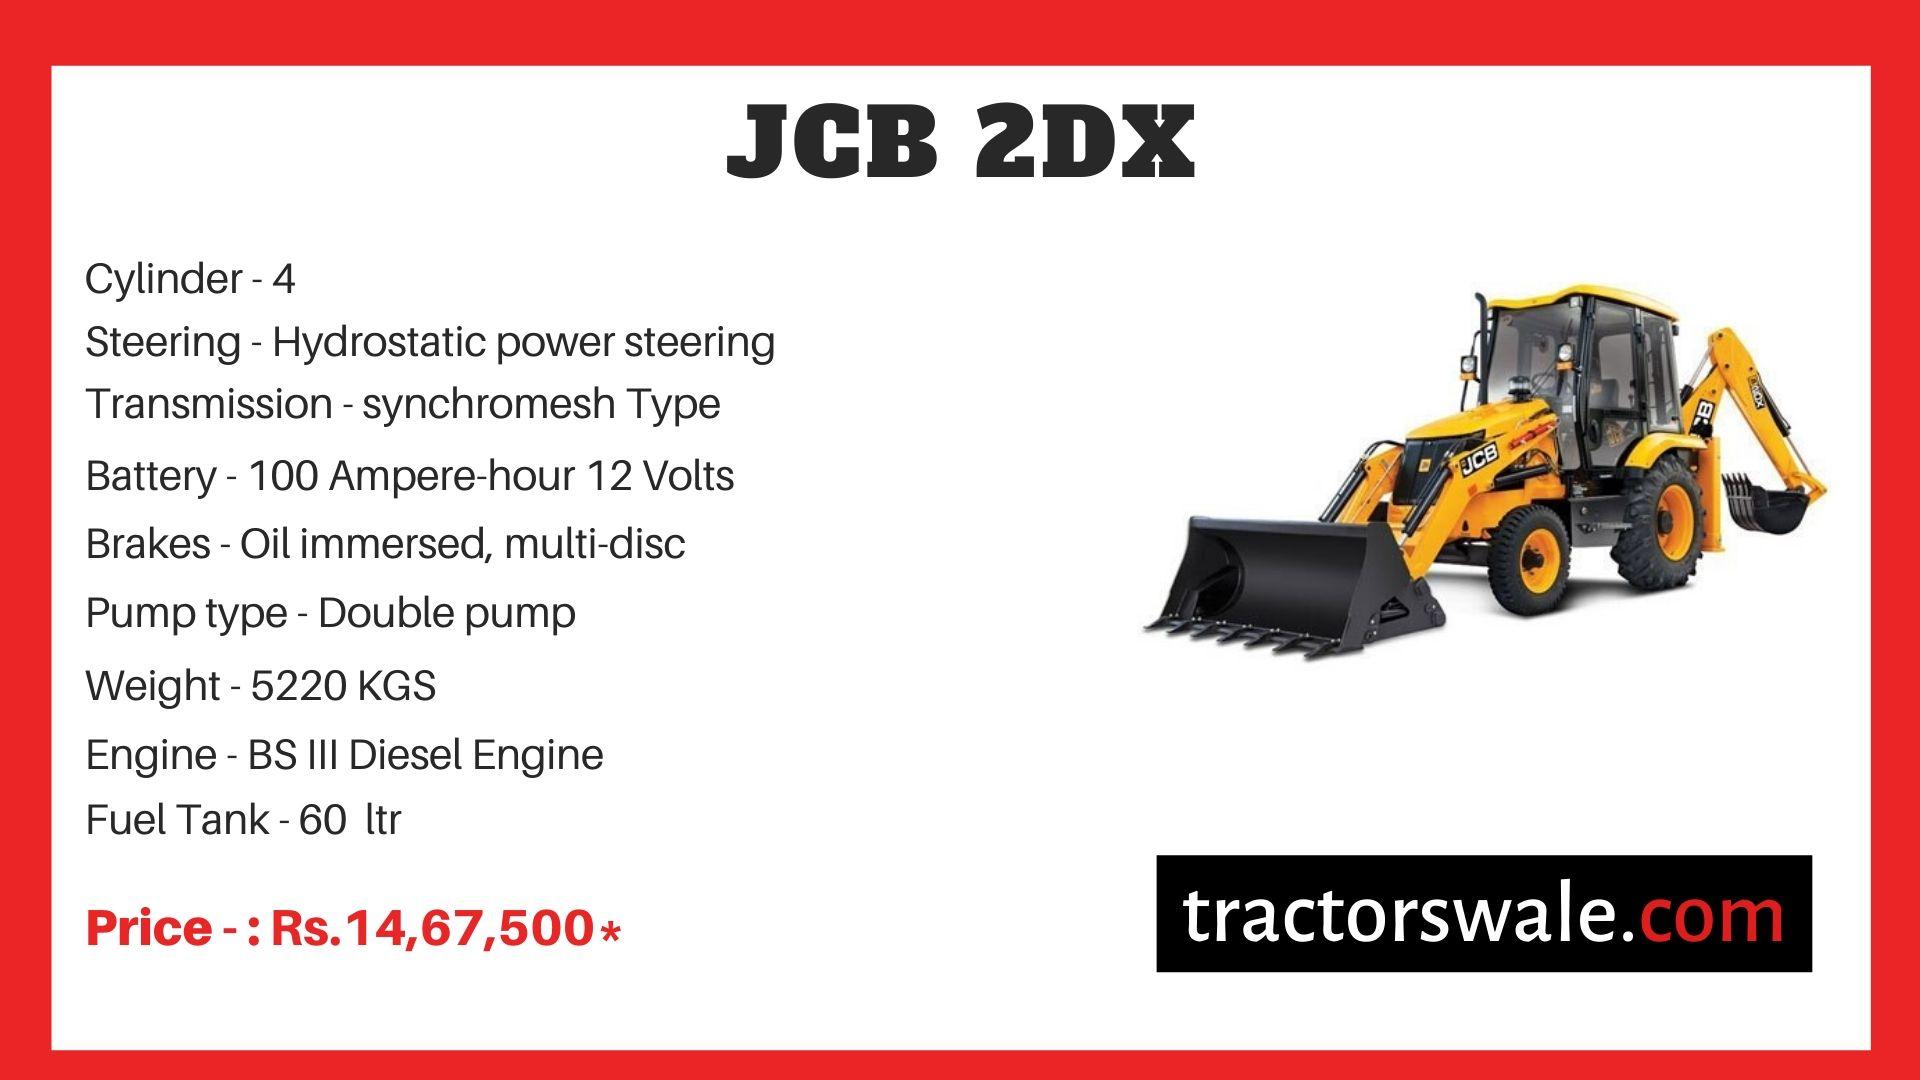 JCB 2DX Backhoe Loader